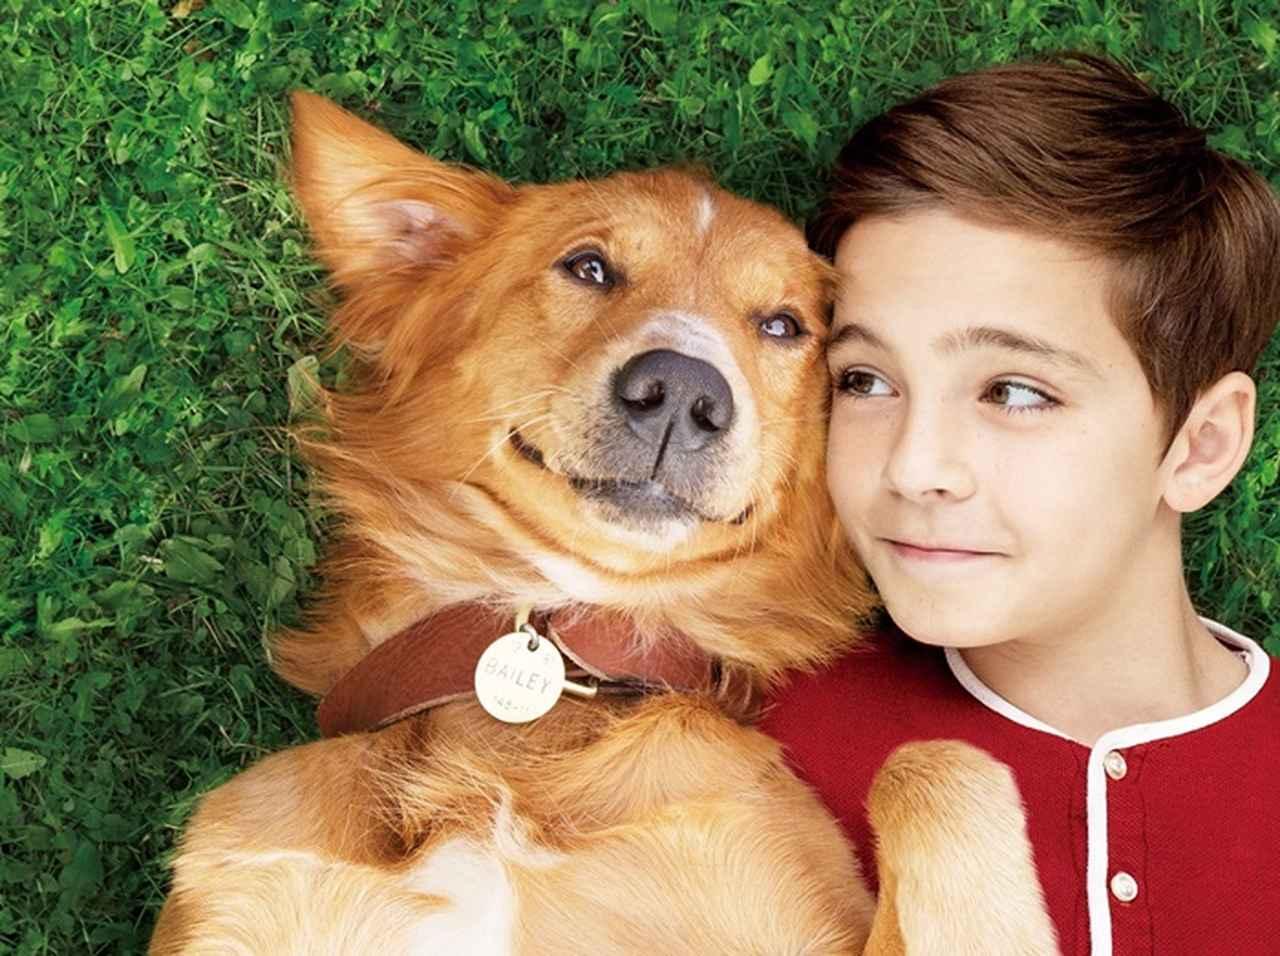 犬のピュアで一途な愛に涙!『僕のワンダフル・ライフ』主演犬の起用秘話も泣ける